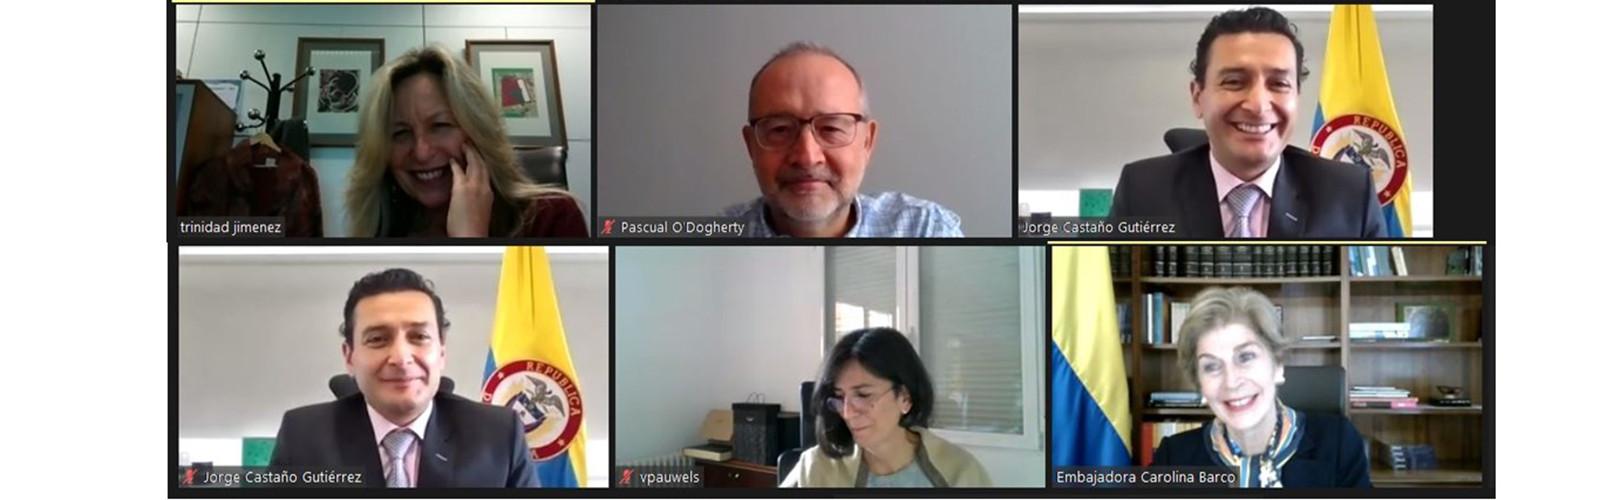 """Videoconferencia """"Ingreso de Colombia en la OCDE, implementación de estándares financieros"""""""